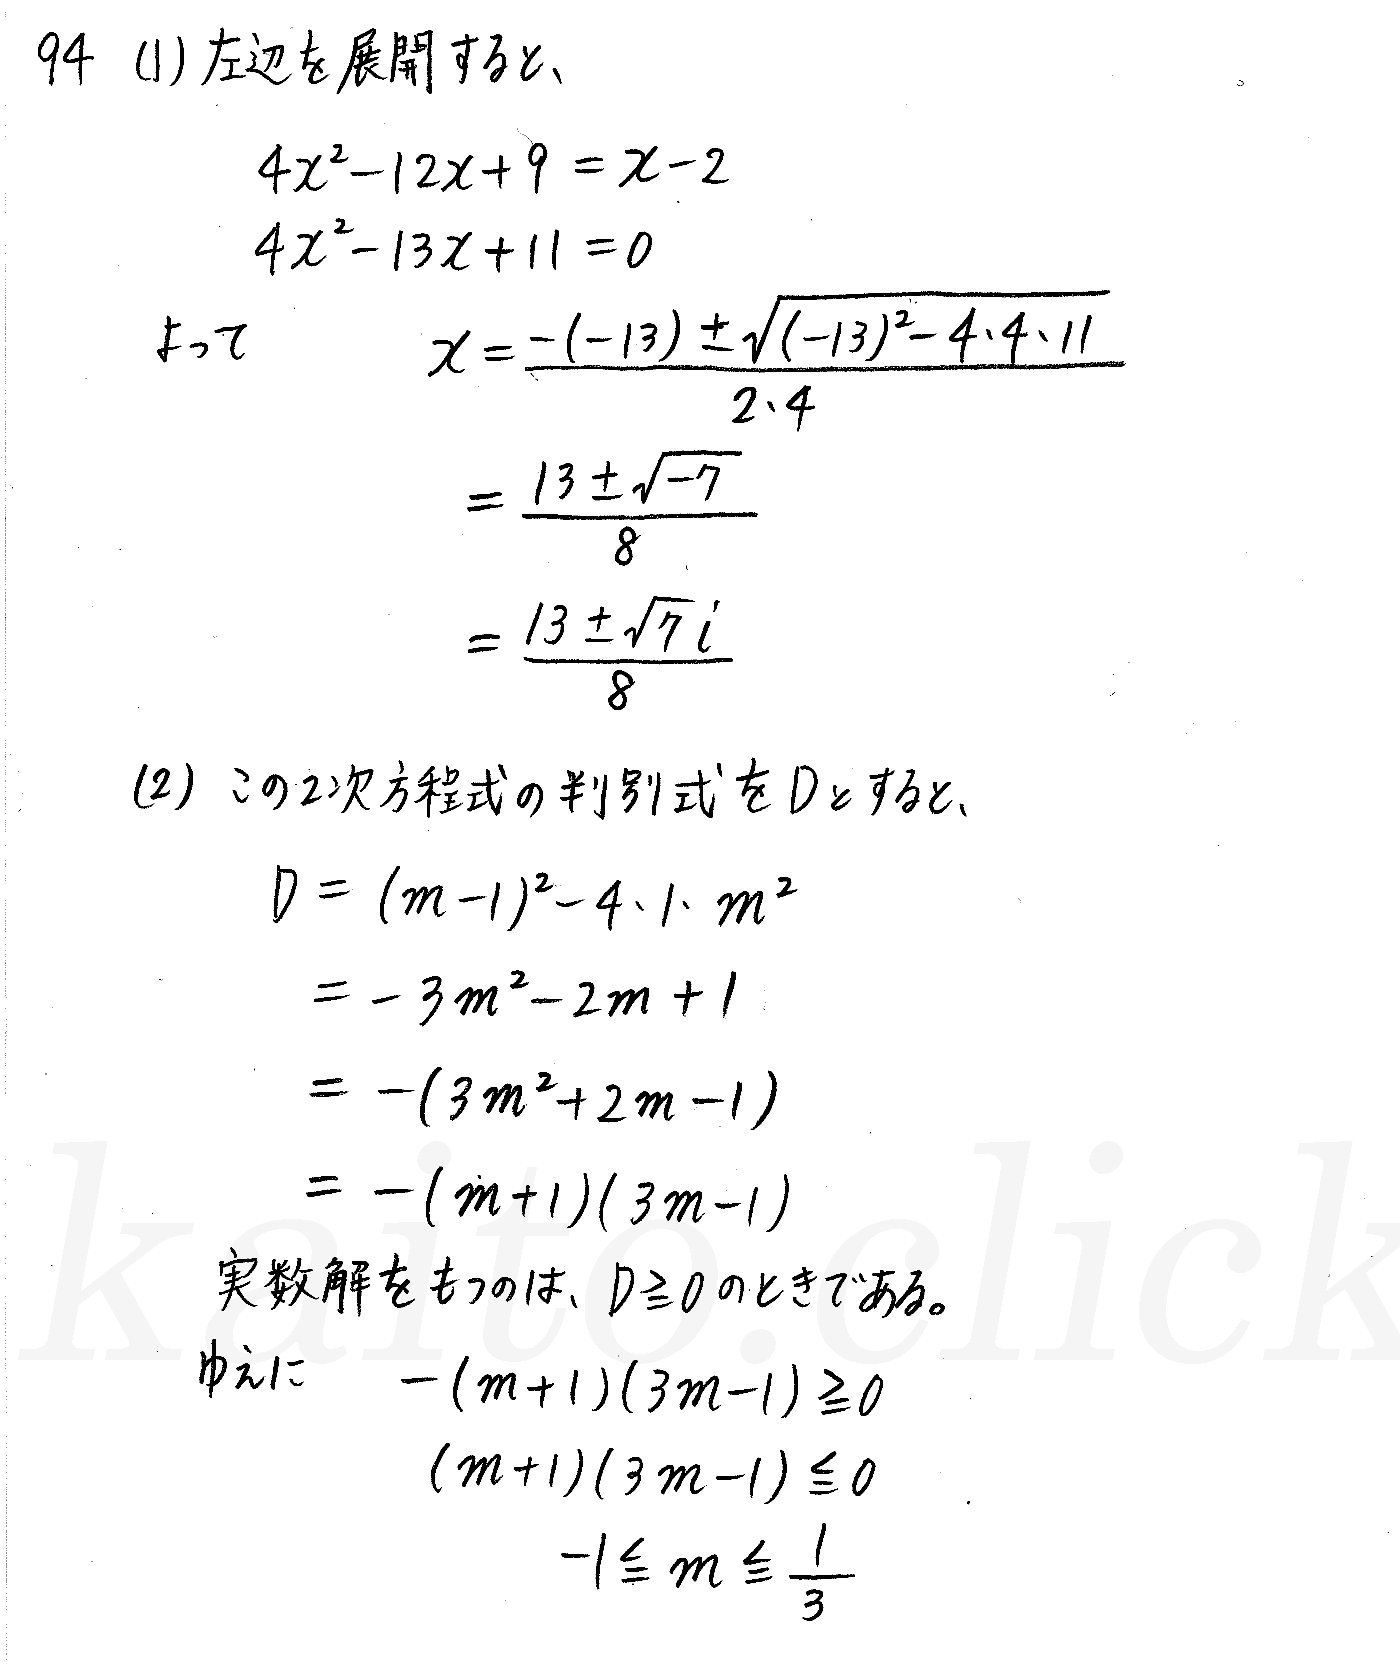 クリアー数学2-94解答